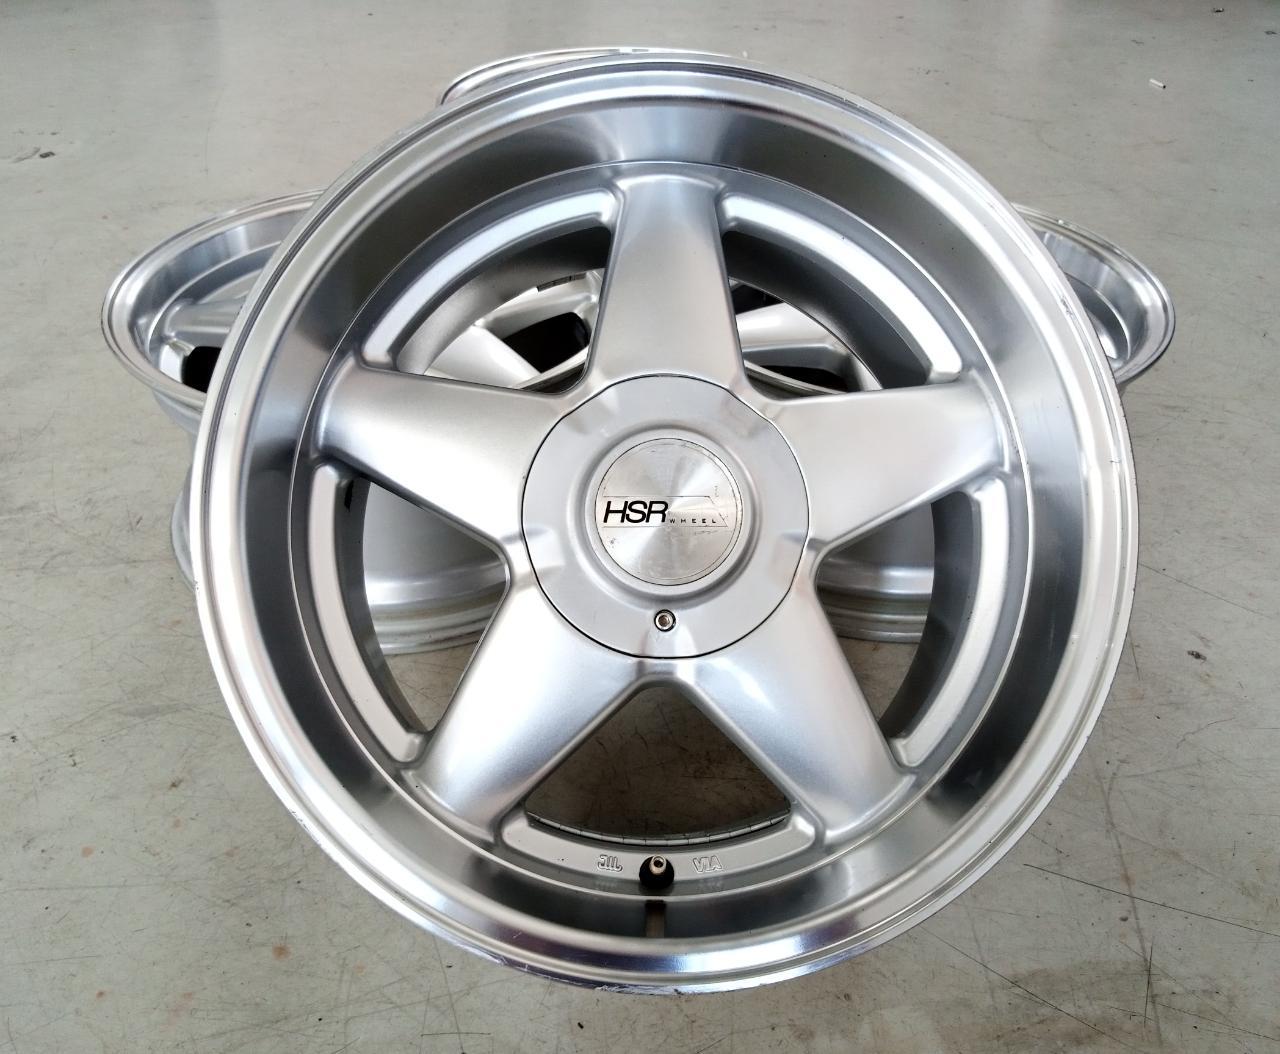 Velg Bekas HSR Type Vest Ring 16×8+9 ET:35+25 H:10×100+114,3